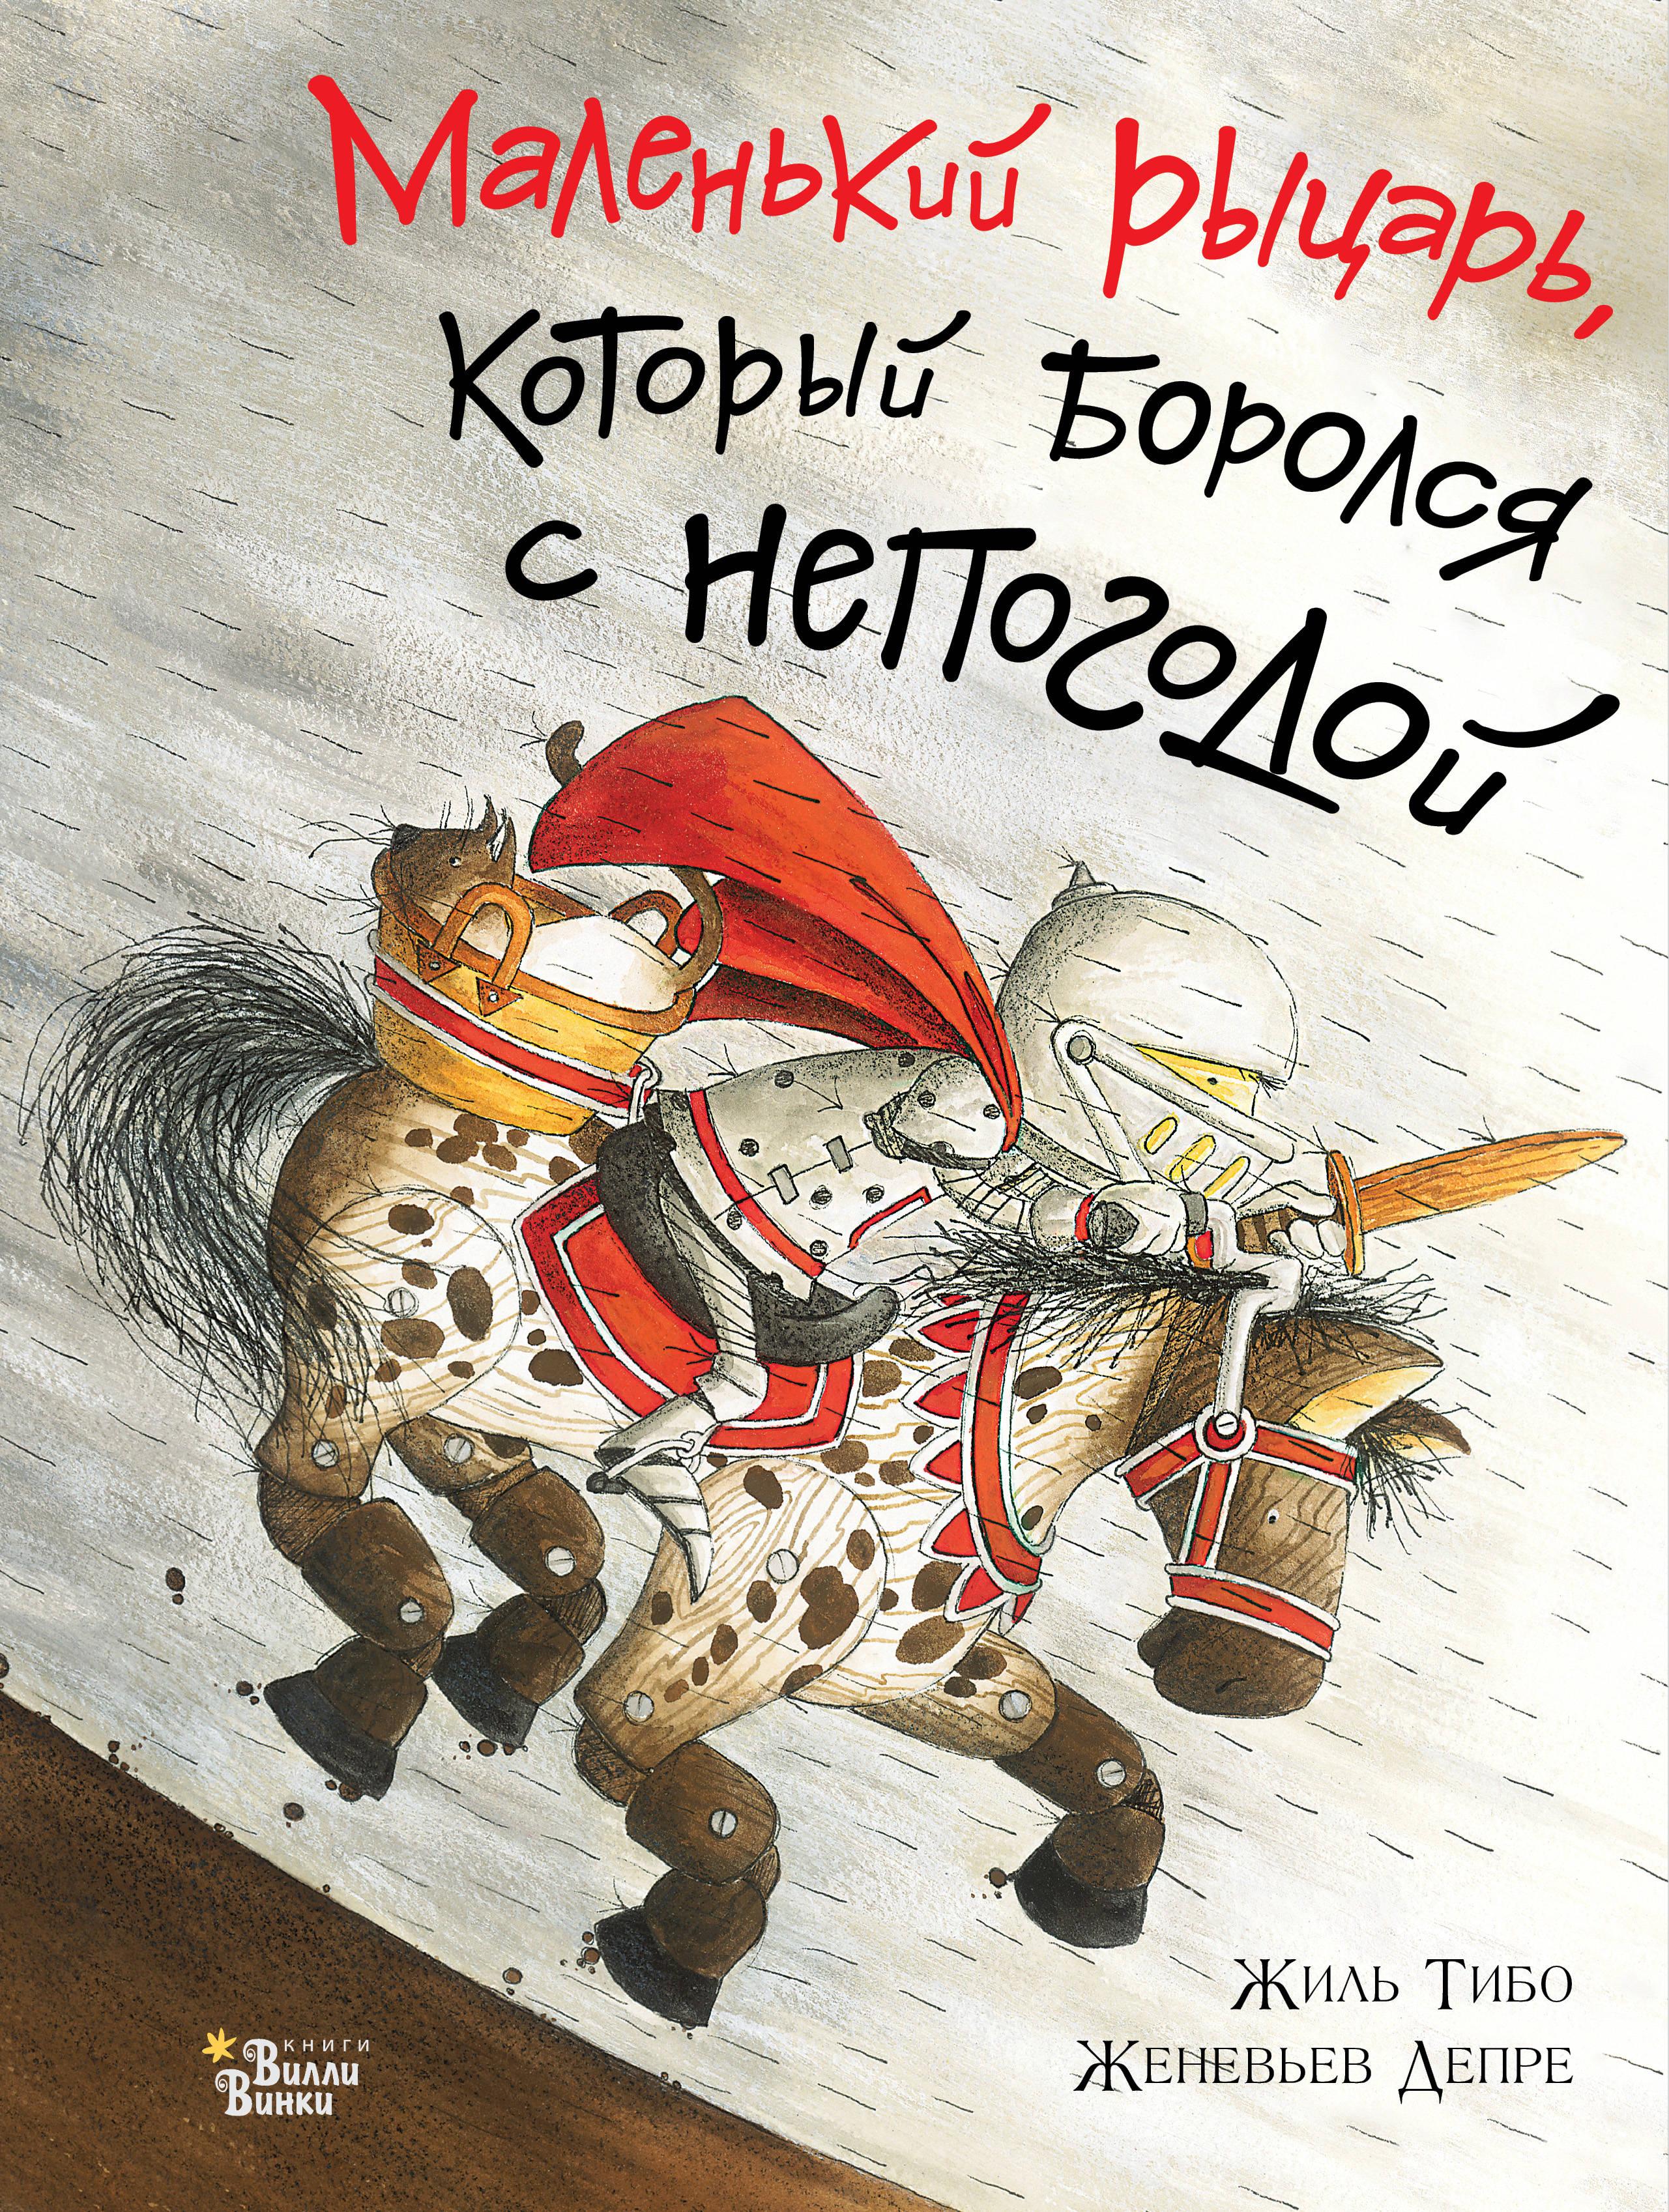 Жиль Тибо Маленький рыцарь, который боролся с непогодой издательство аст маленький рыцарь который боролся с чудищами ж тибо